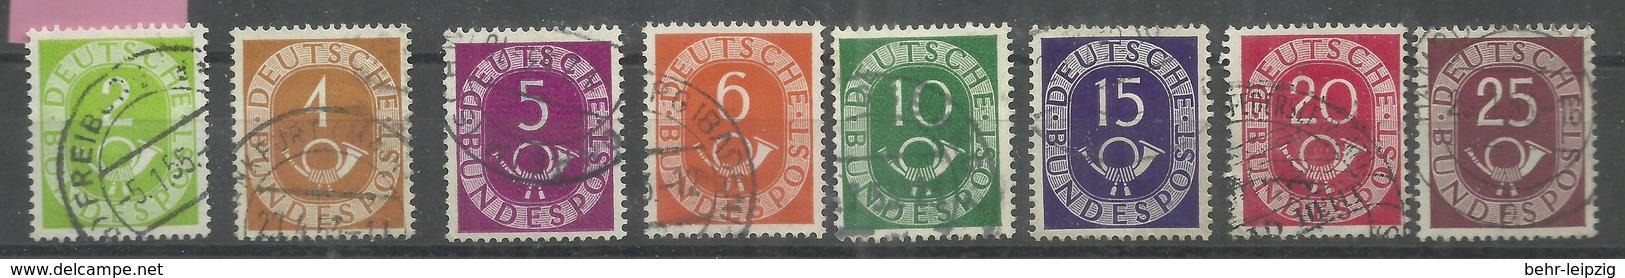 """BRD 123-126,128-131 """"Einzelmarken Aus Der Posthornausgabe """" Sauber Gestempelt"""" Mi.:15,20 € - [7] Federal Republic"""